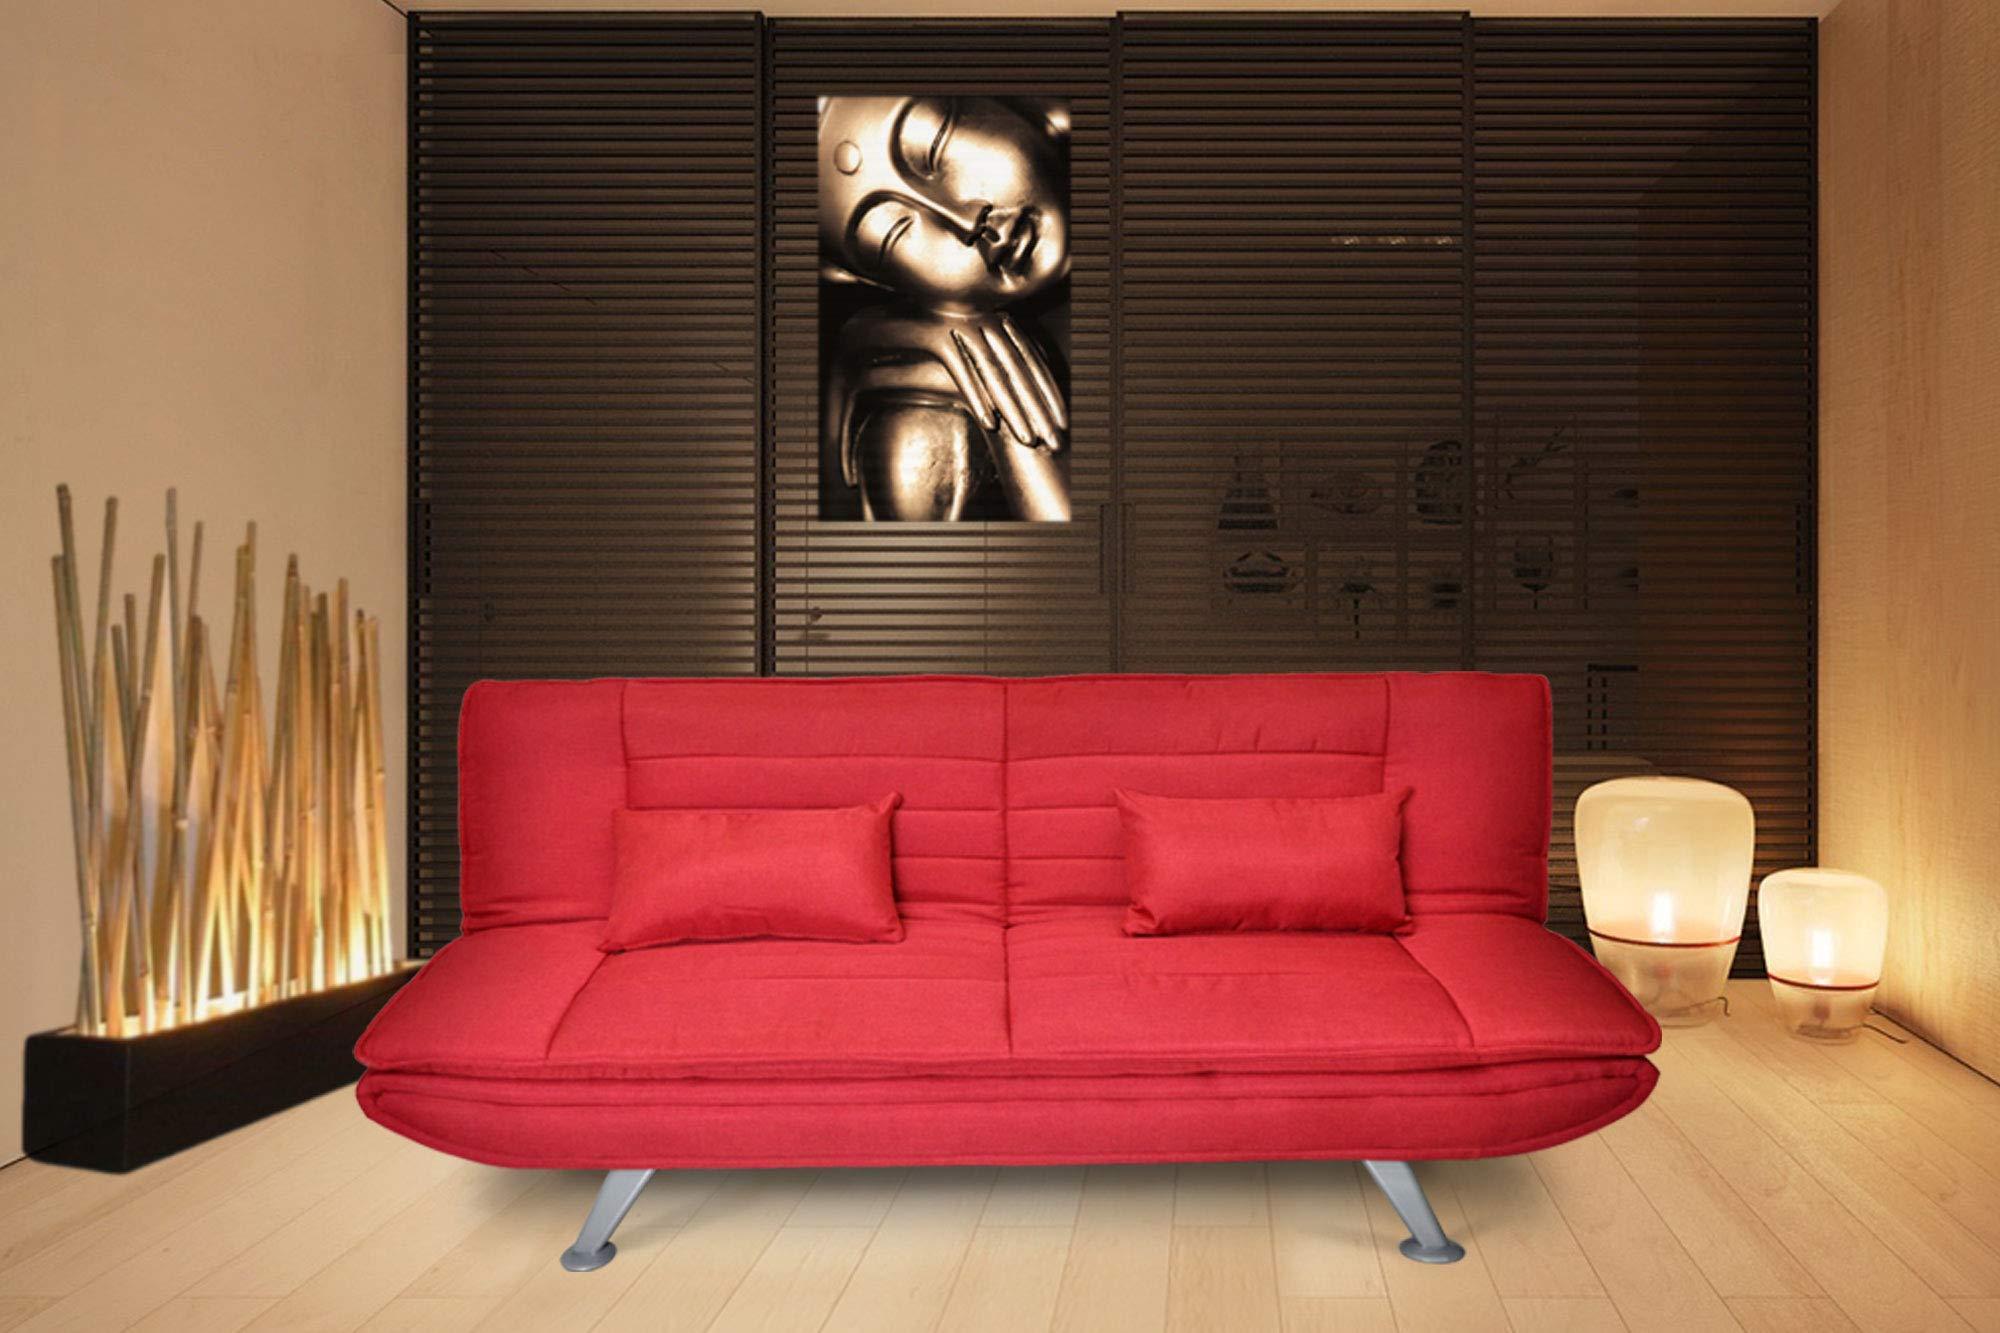 Divano Rosso Cuscini : Divano letto clic clac in tessuto rosso divano 3 posti mod. iris